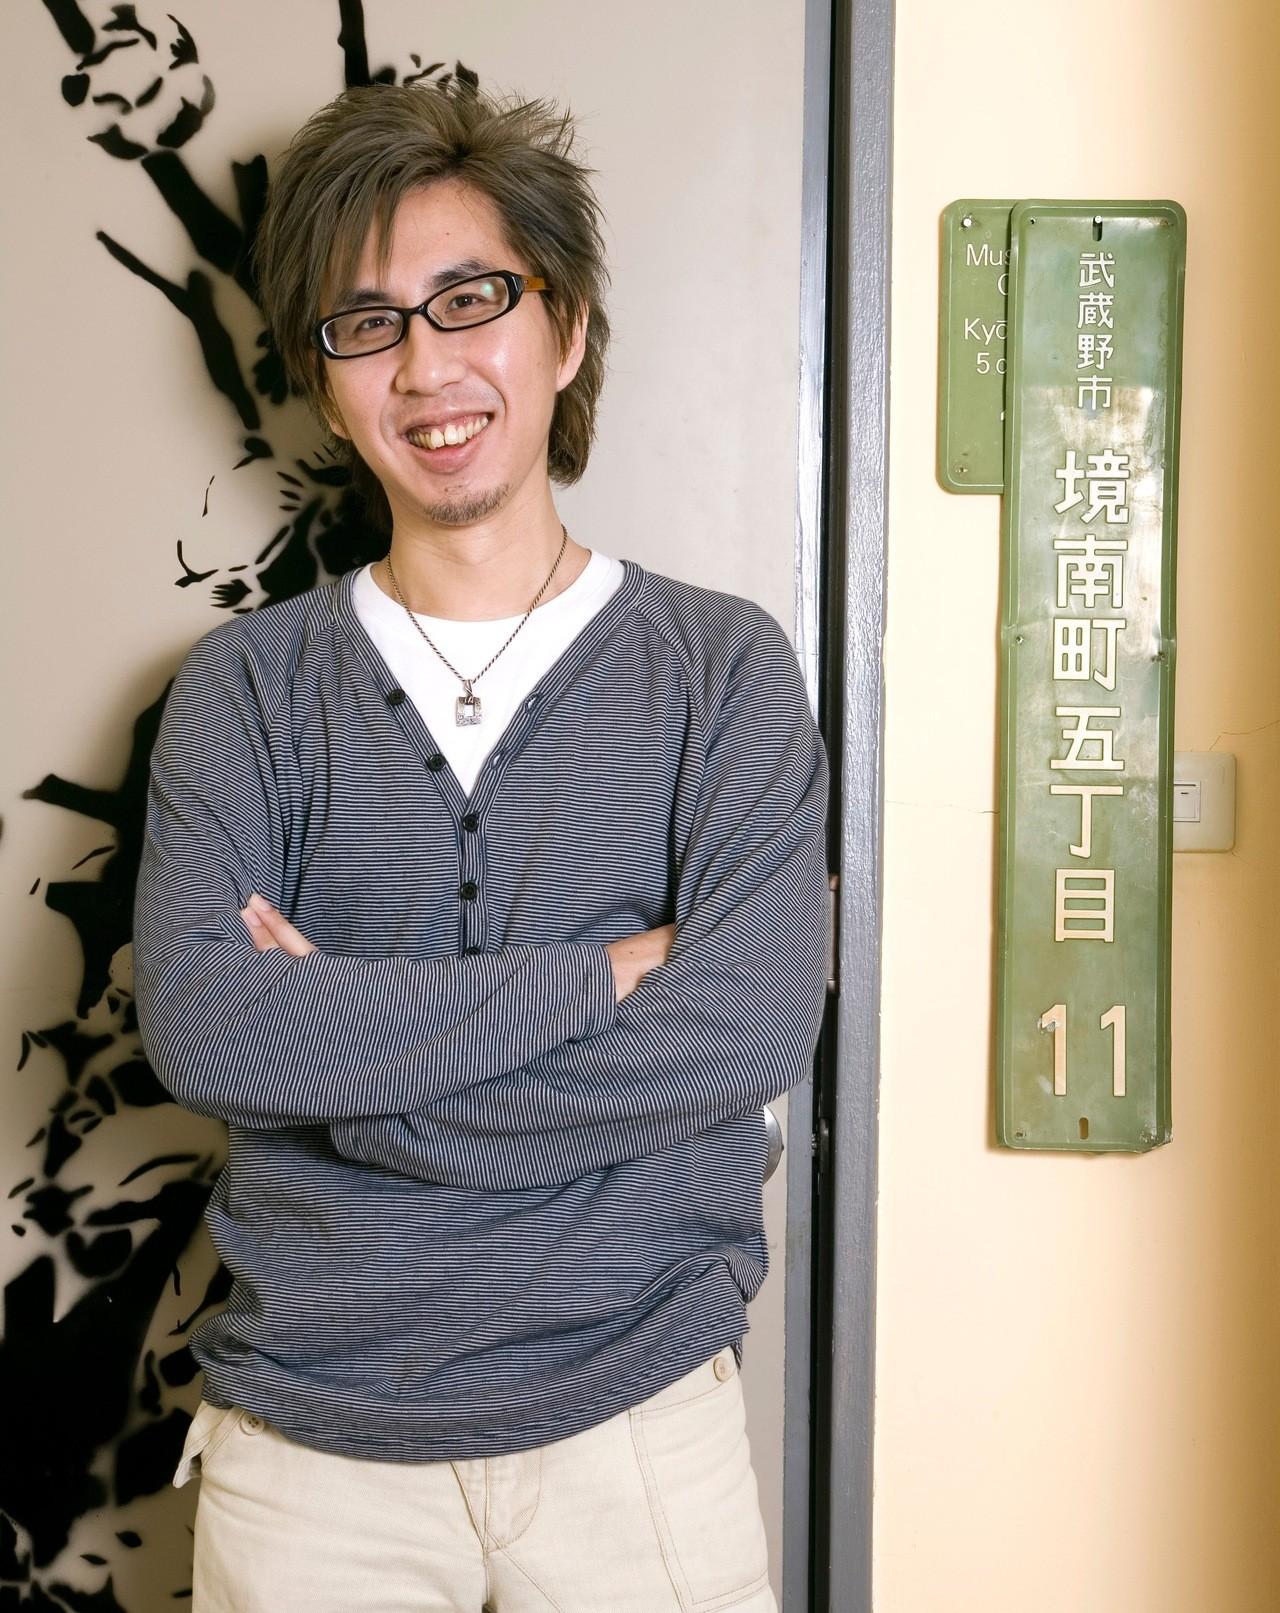 李明璁2006年回台任教初期。圖/李明璁提供